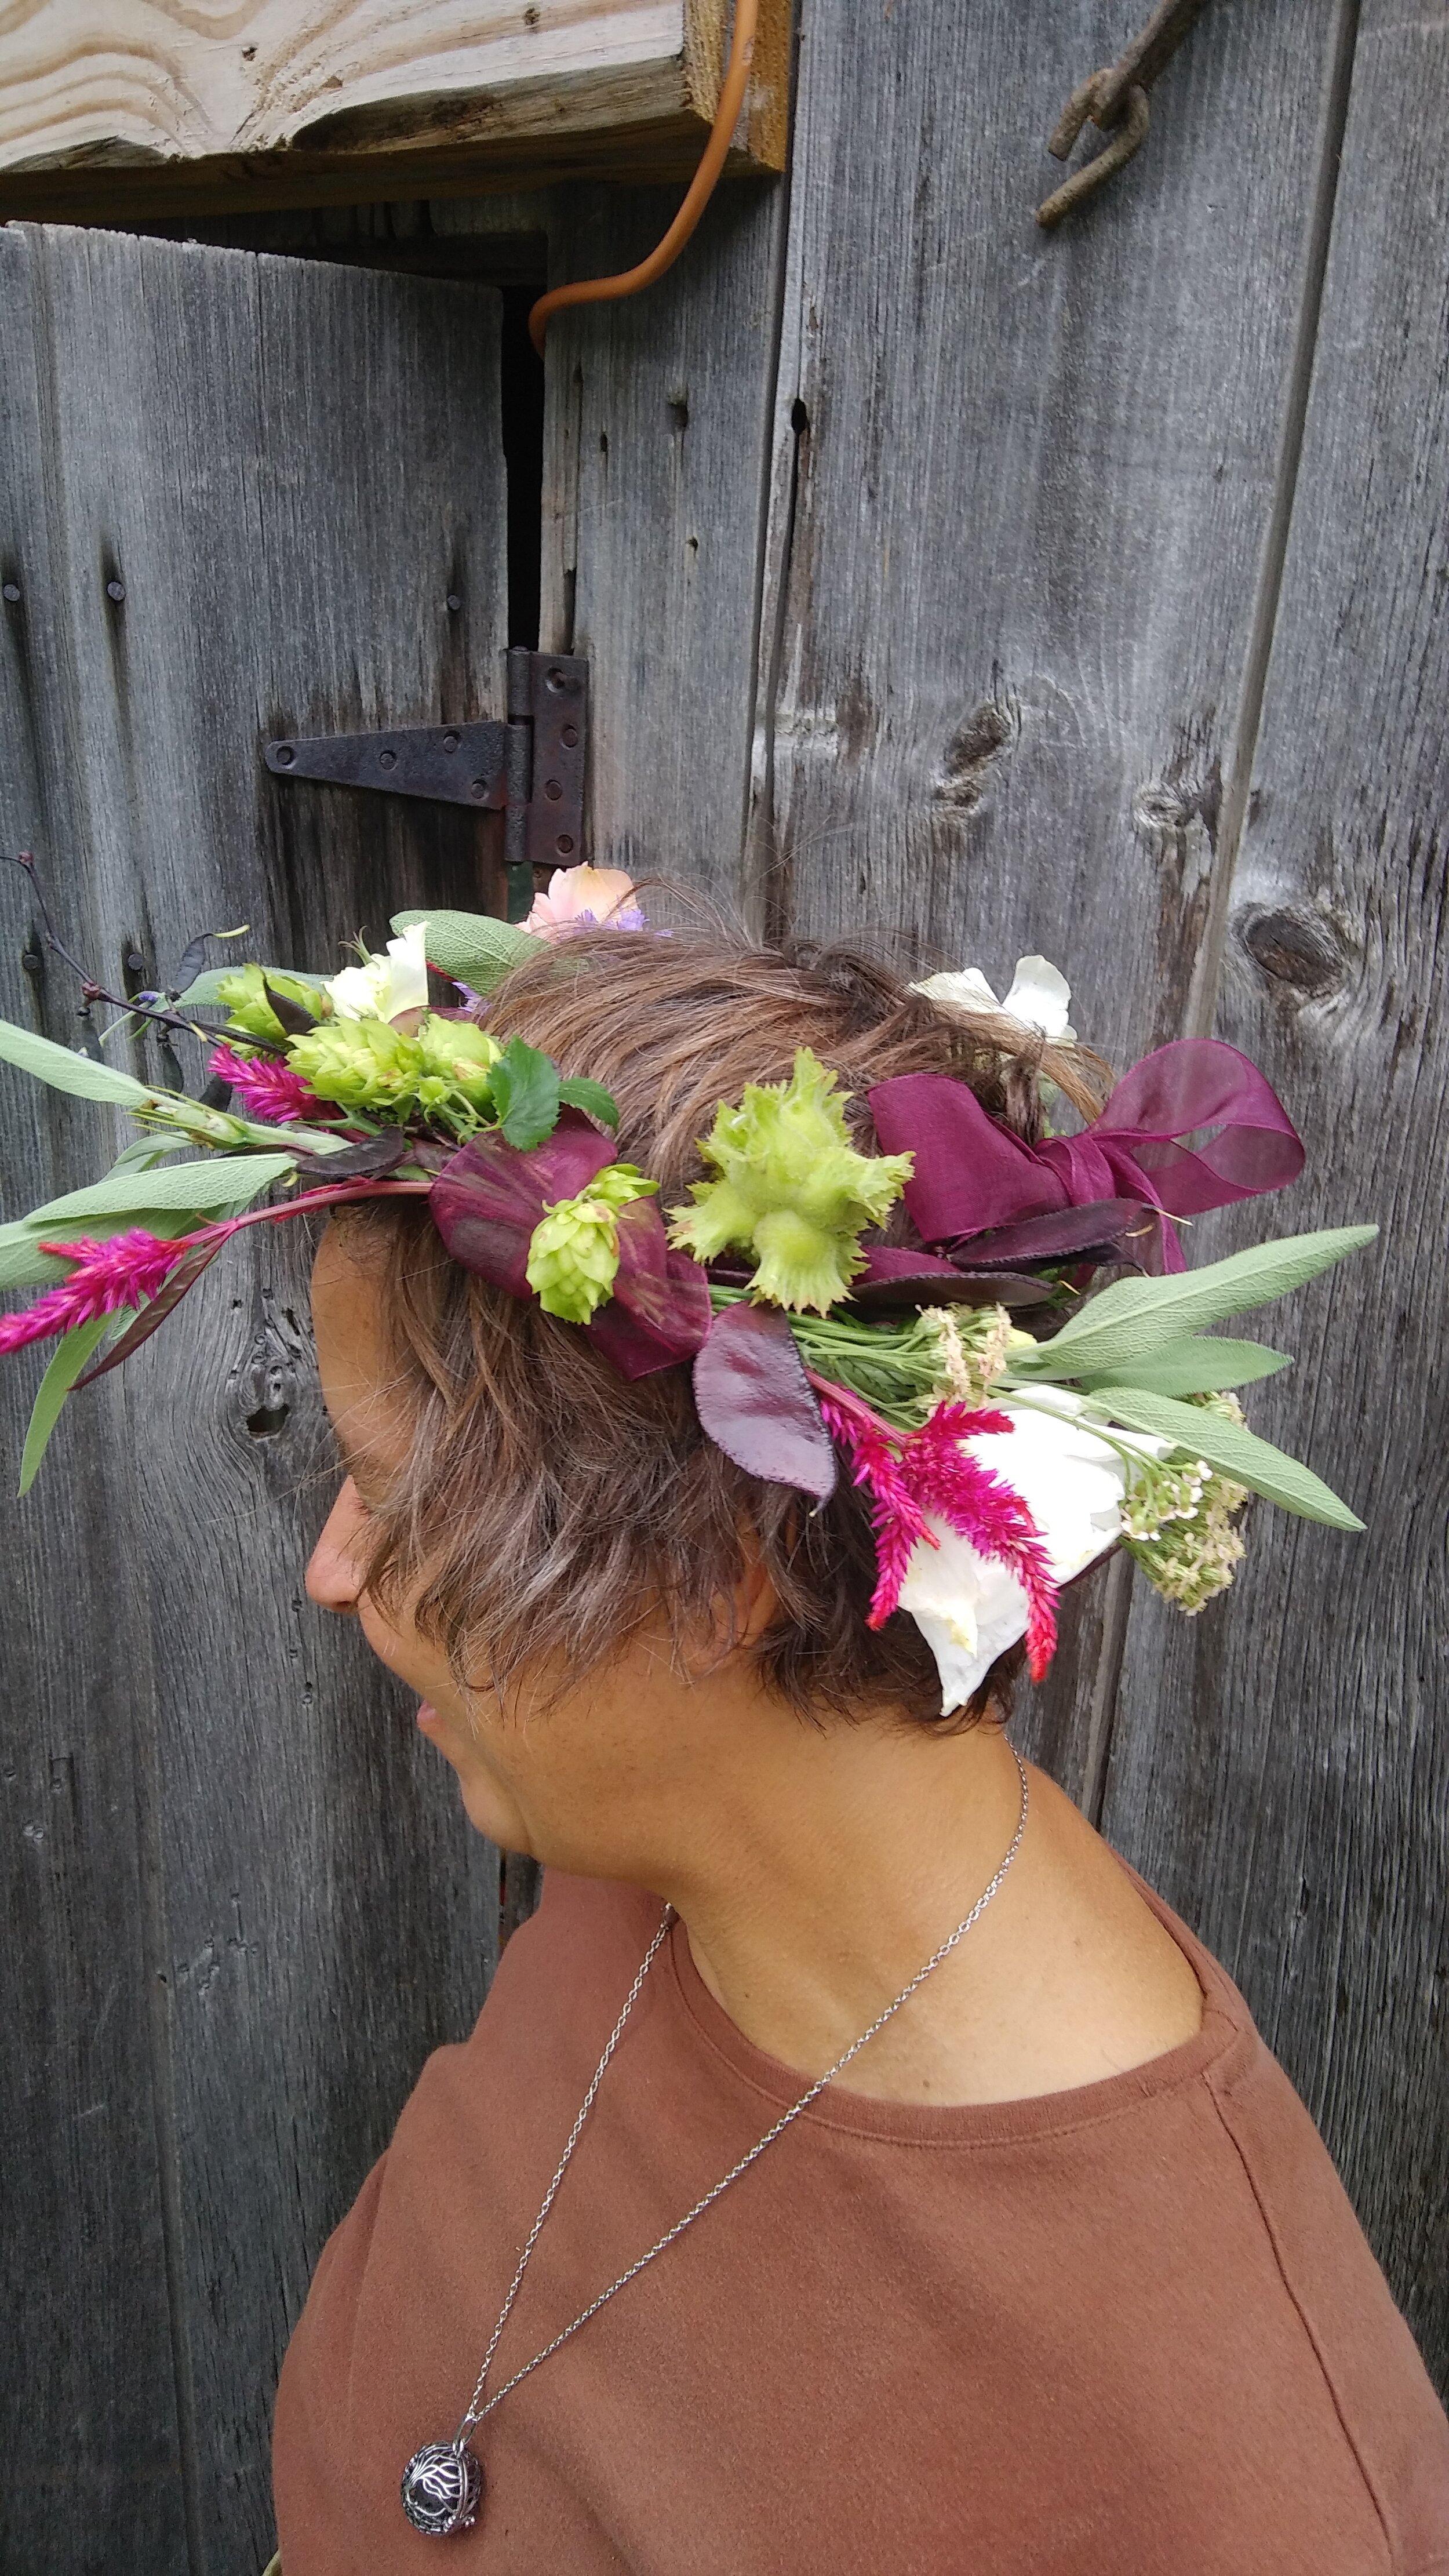 flower crown for Tess 9 - 7 - 19.jpg